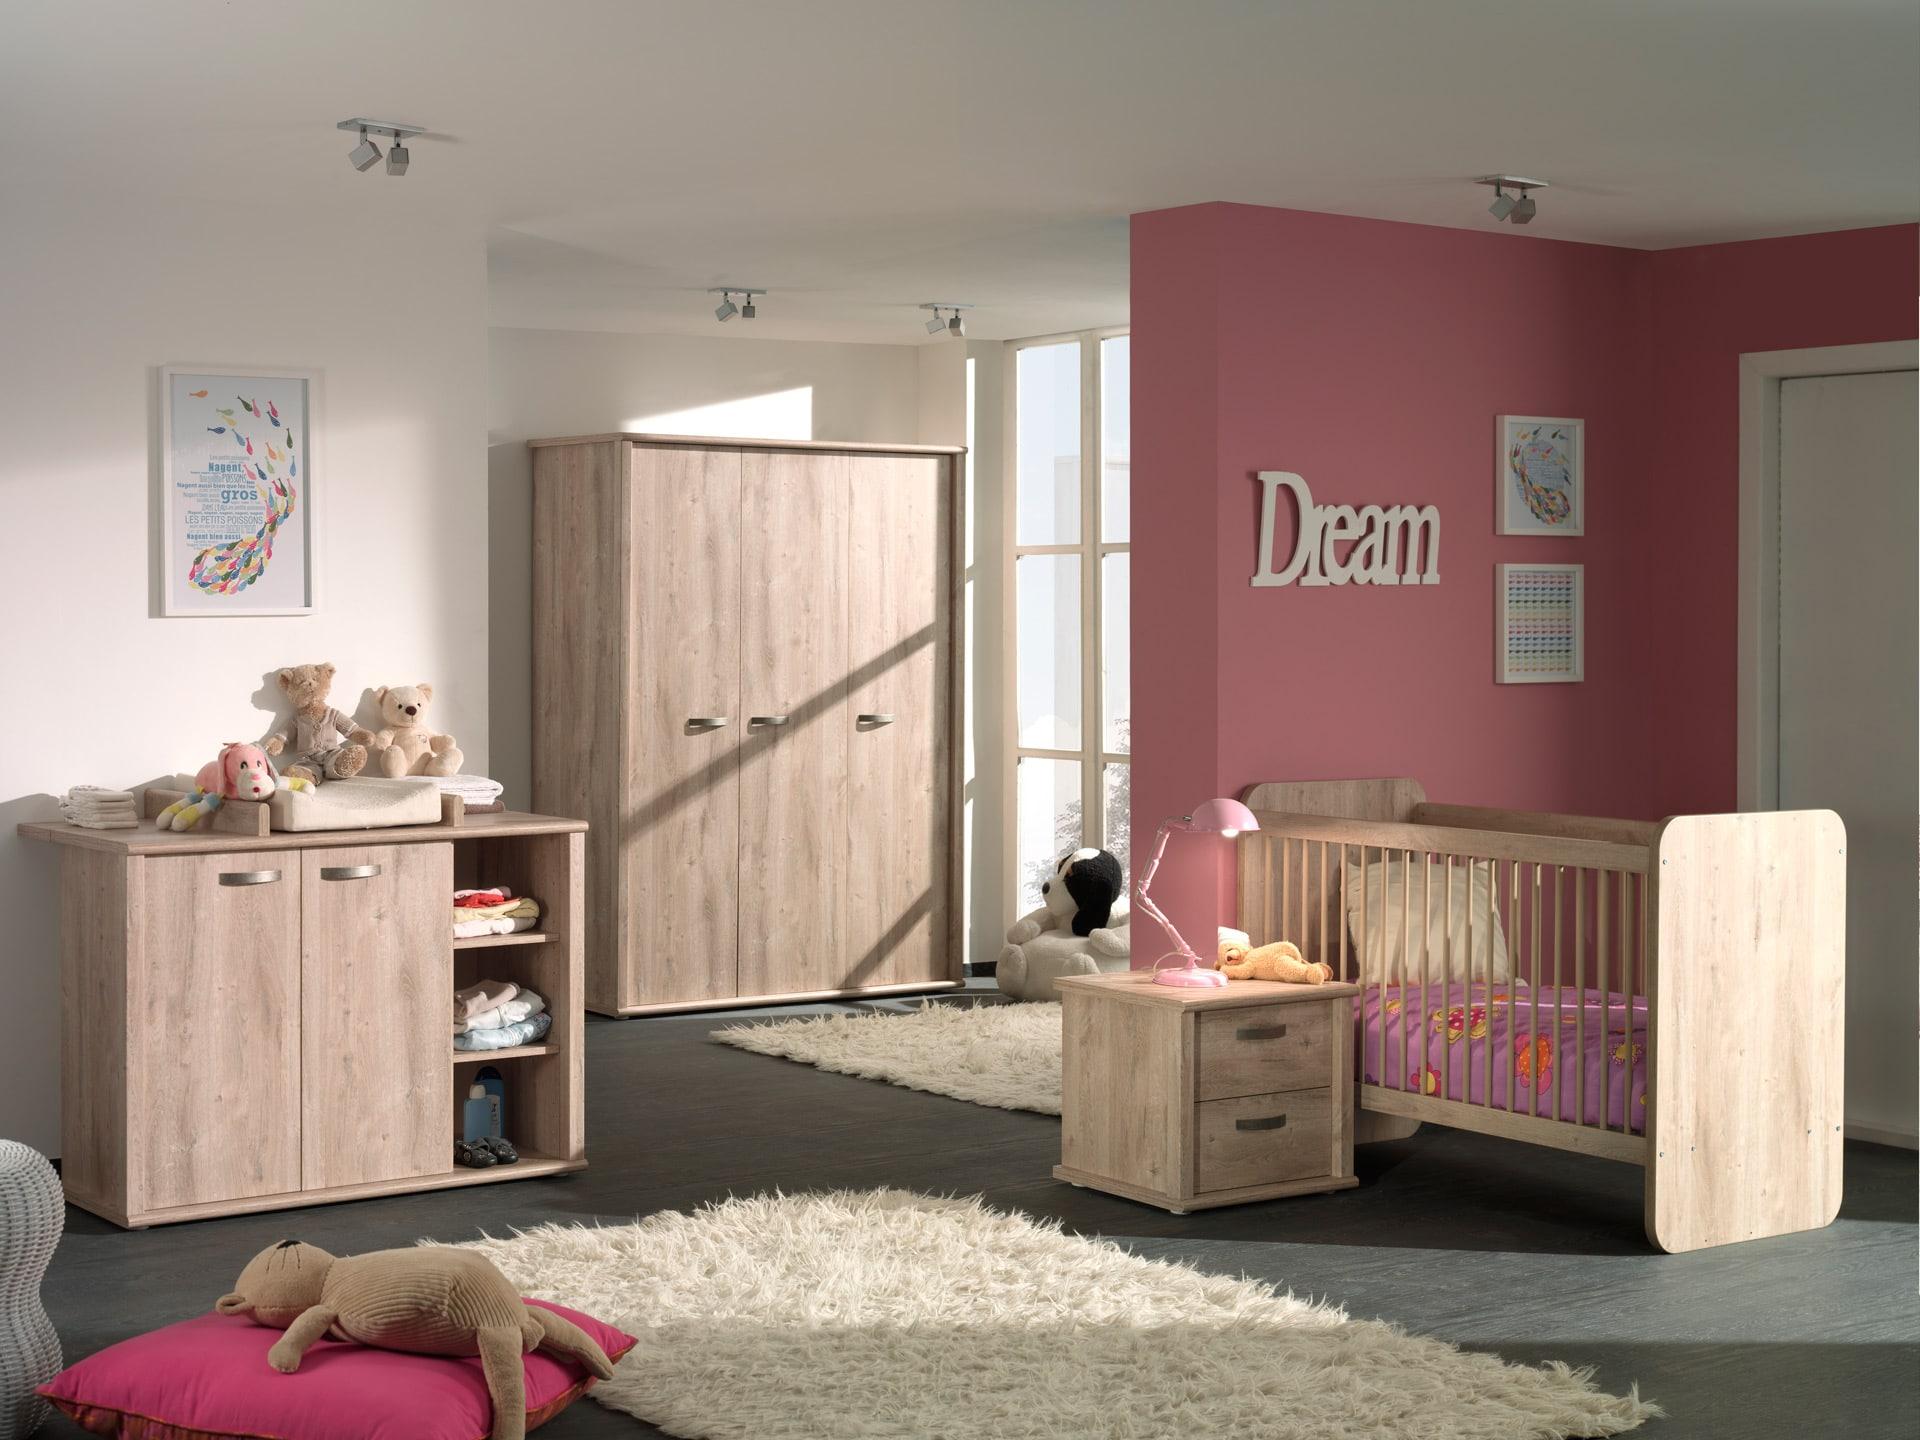 une chambre pour b b pratique et chaleureuse blog matelpro. Black Bedroom Furniture Sets. Home Design Ideas